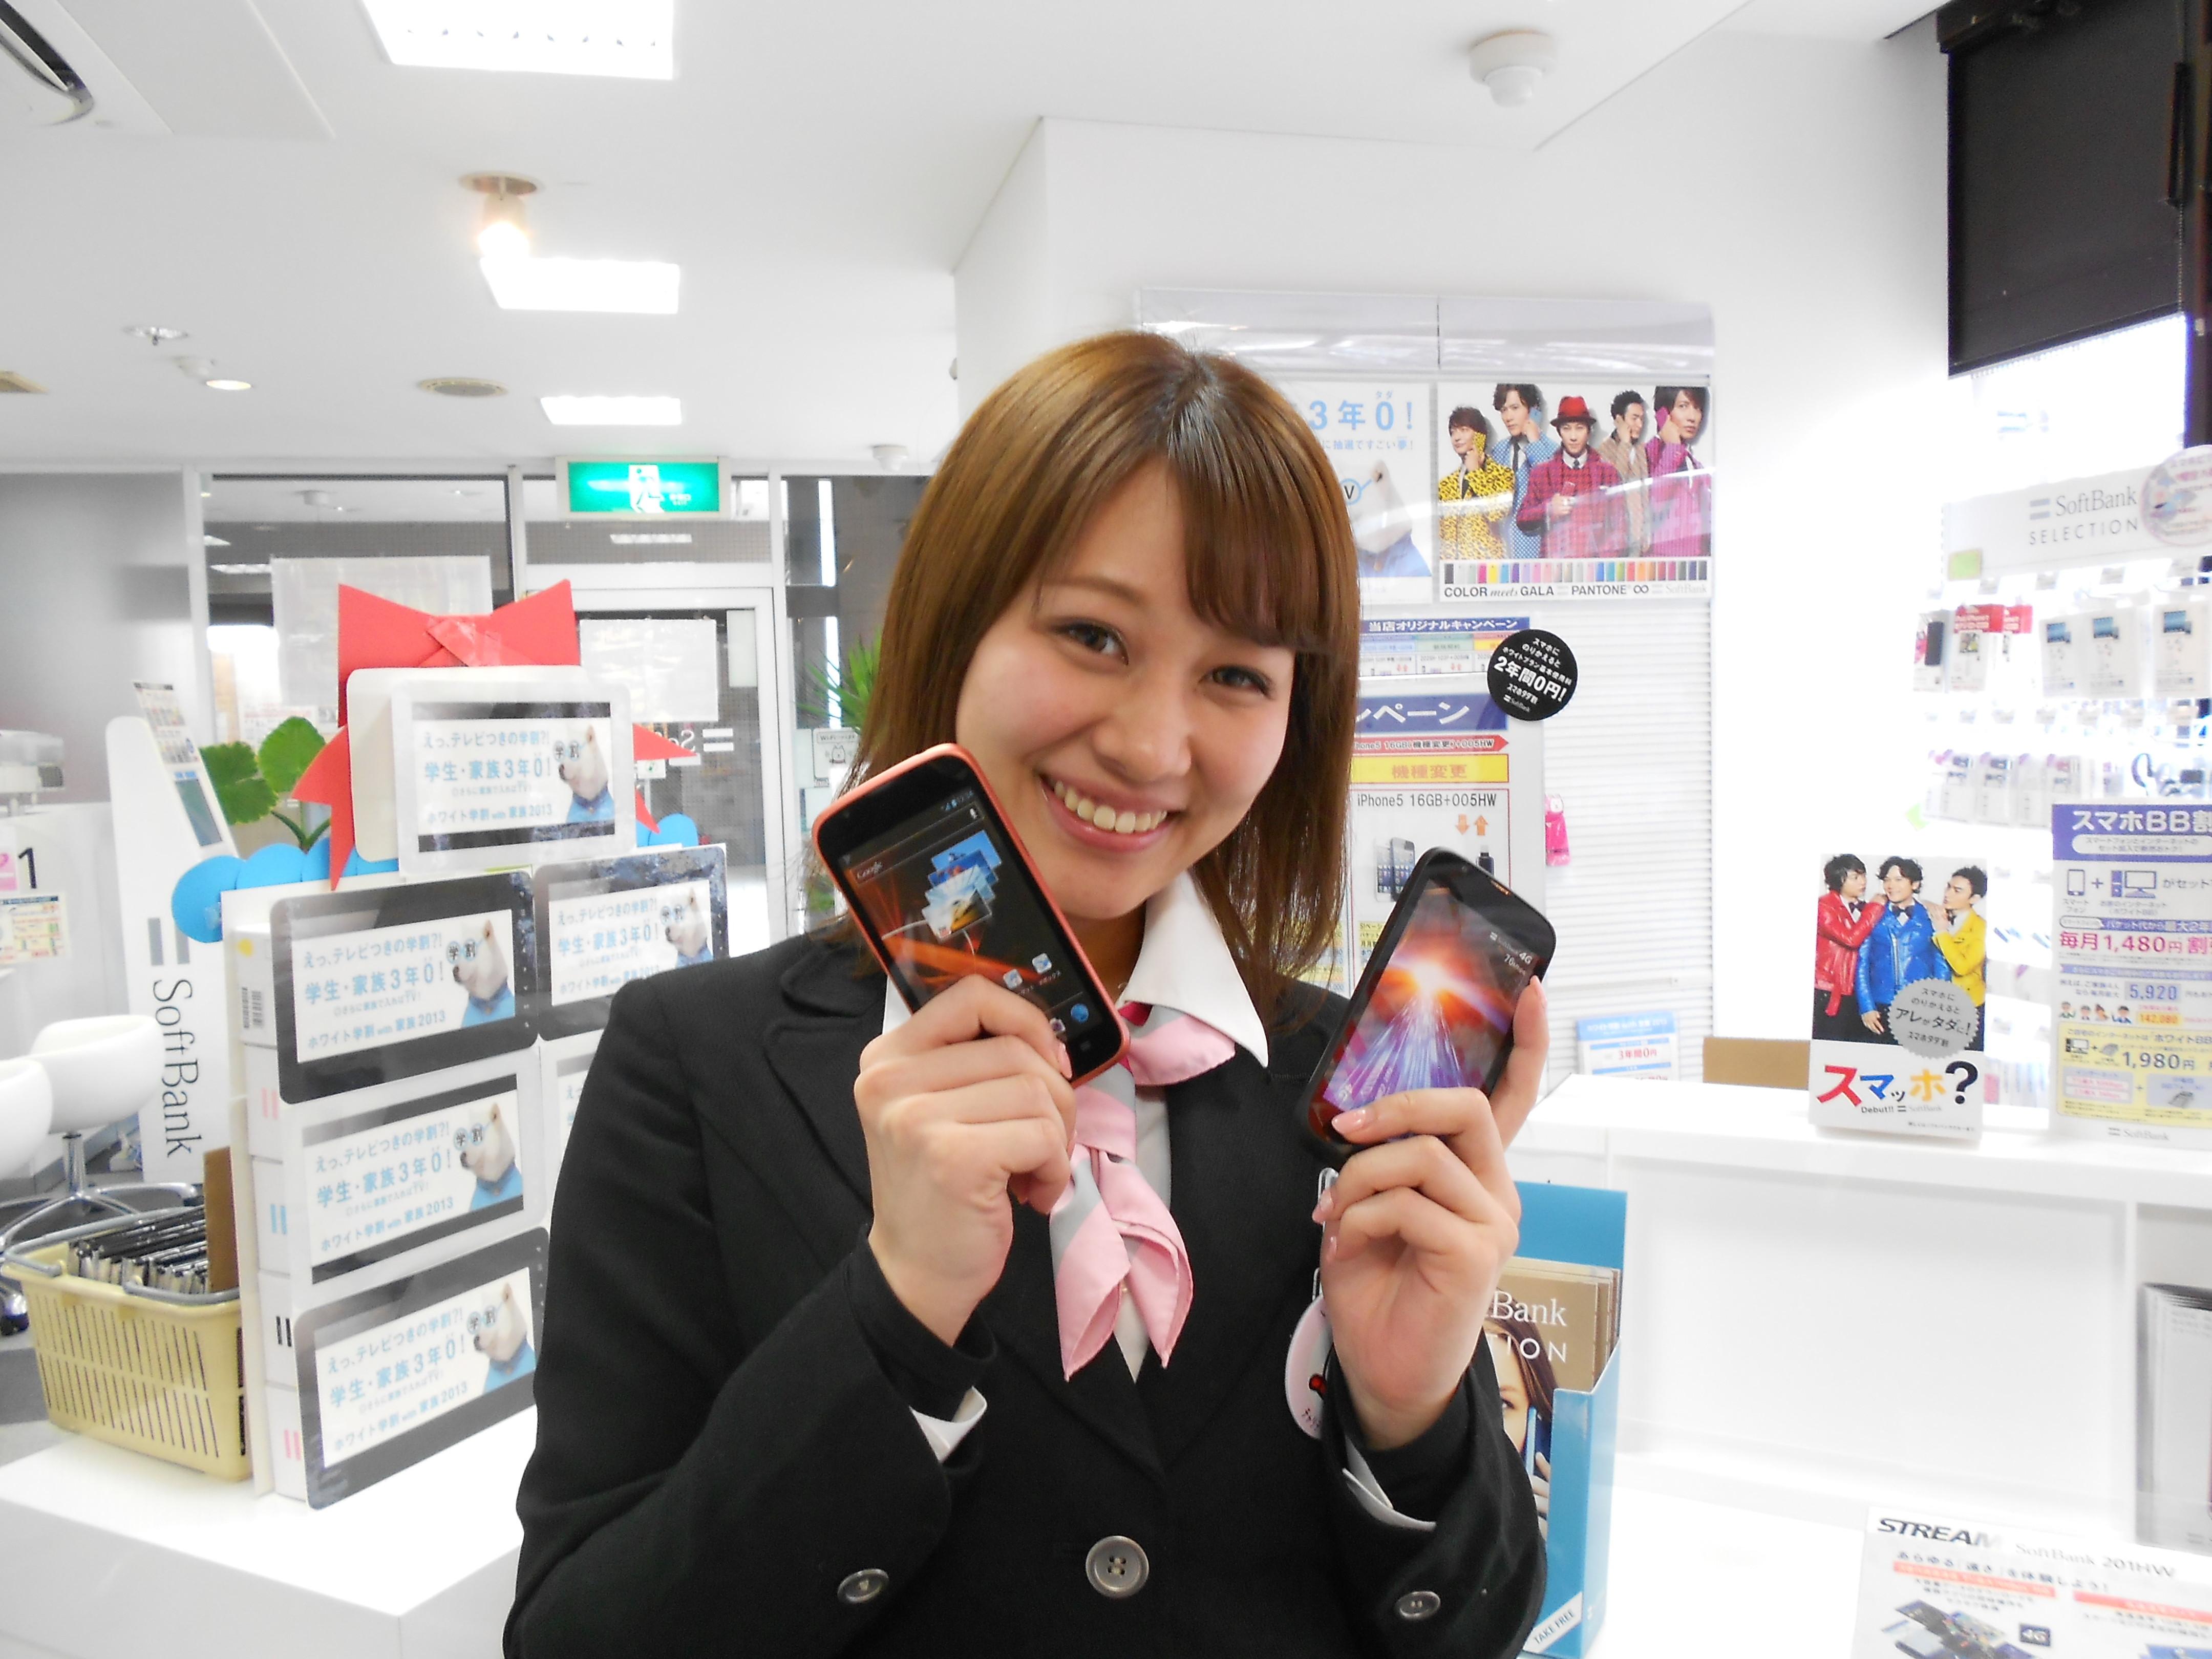 ソフトバンク 福生(株式会社シエロ)のアルバイト情報